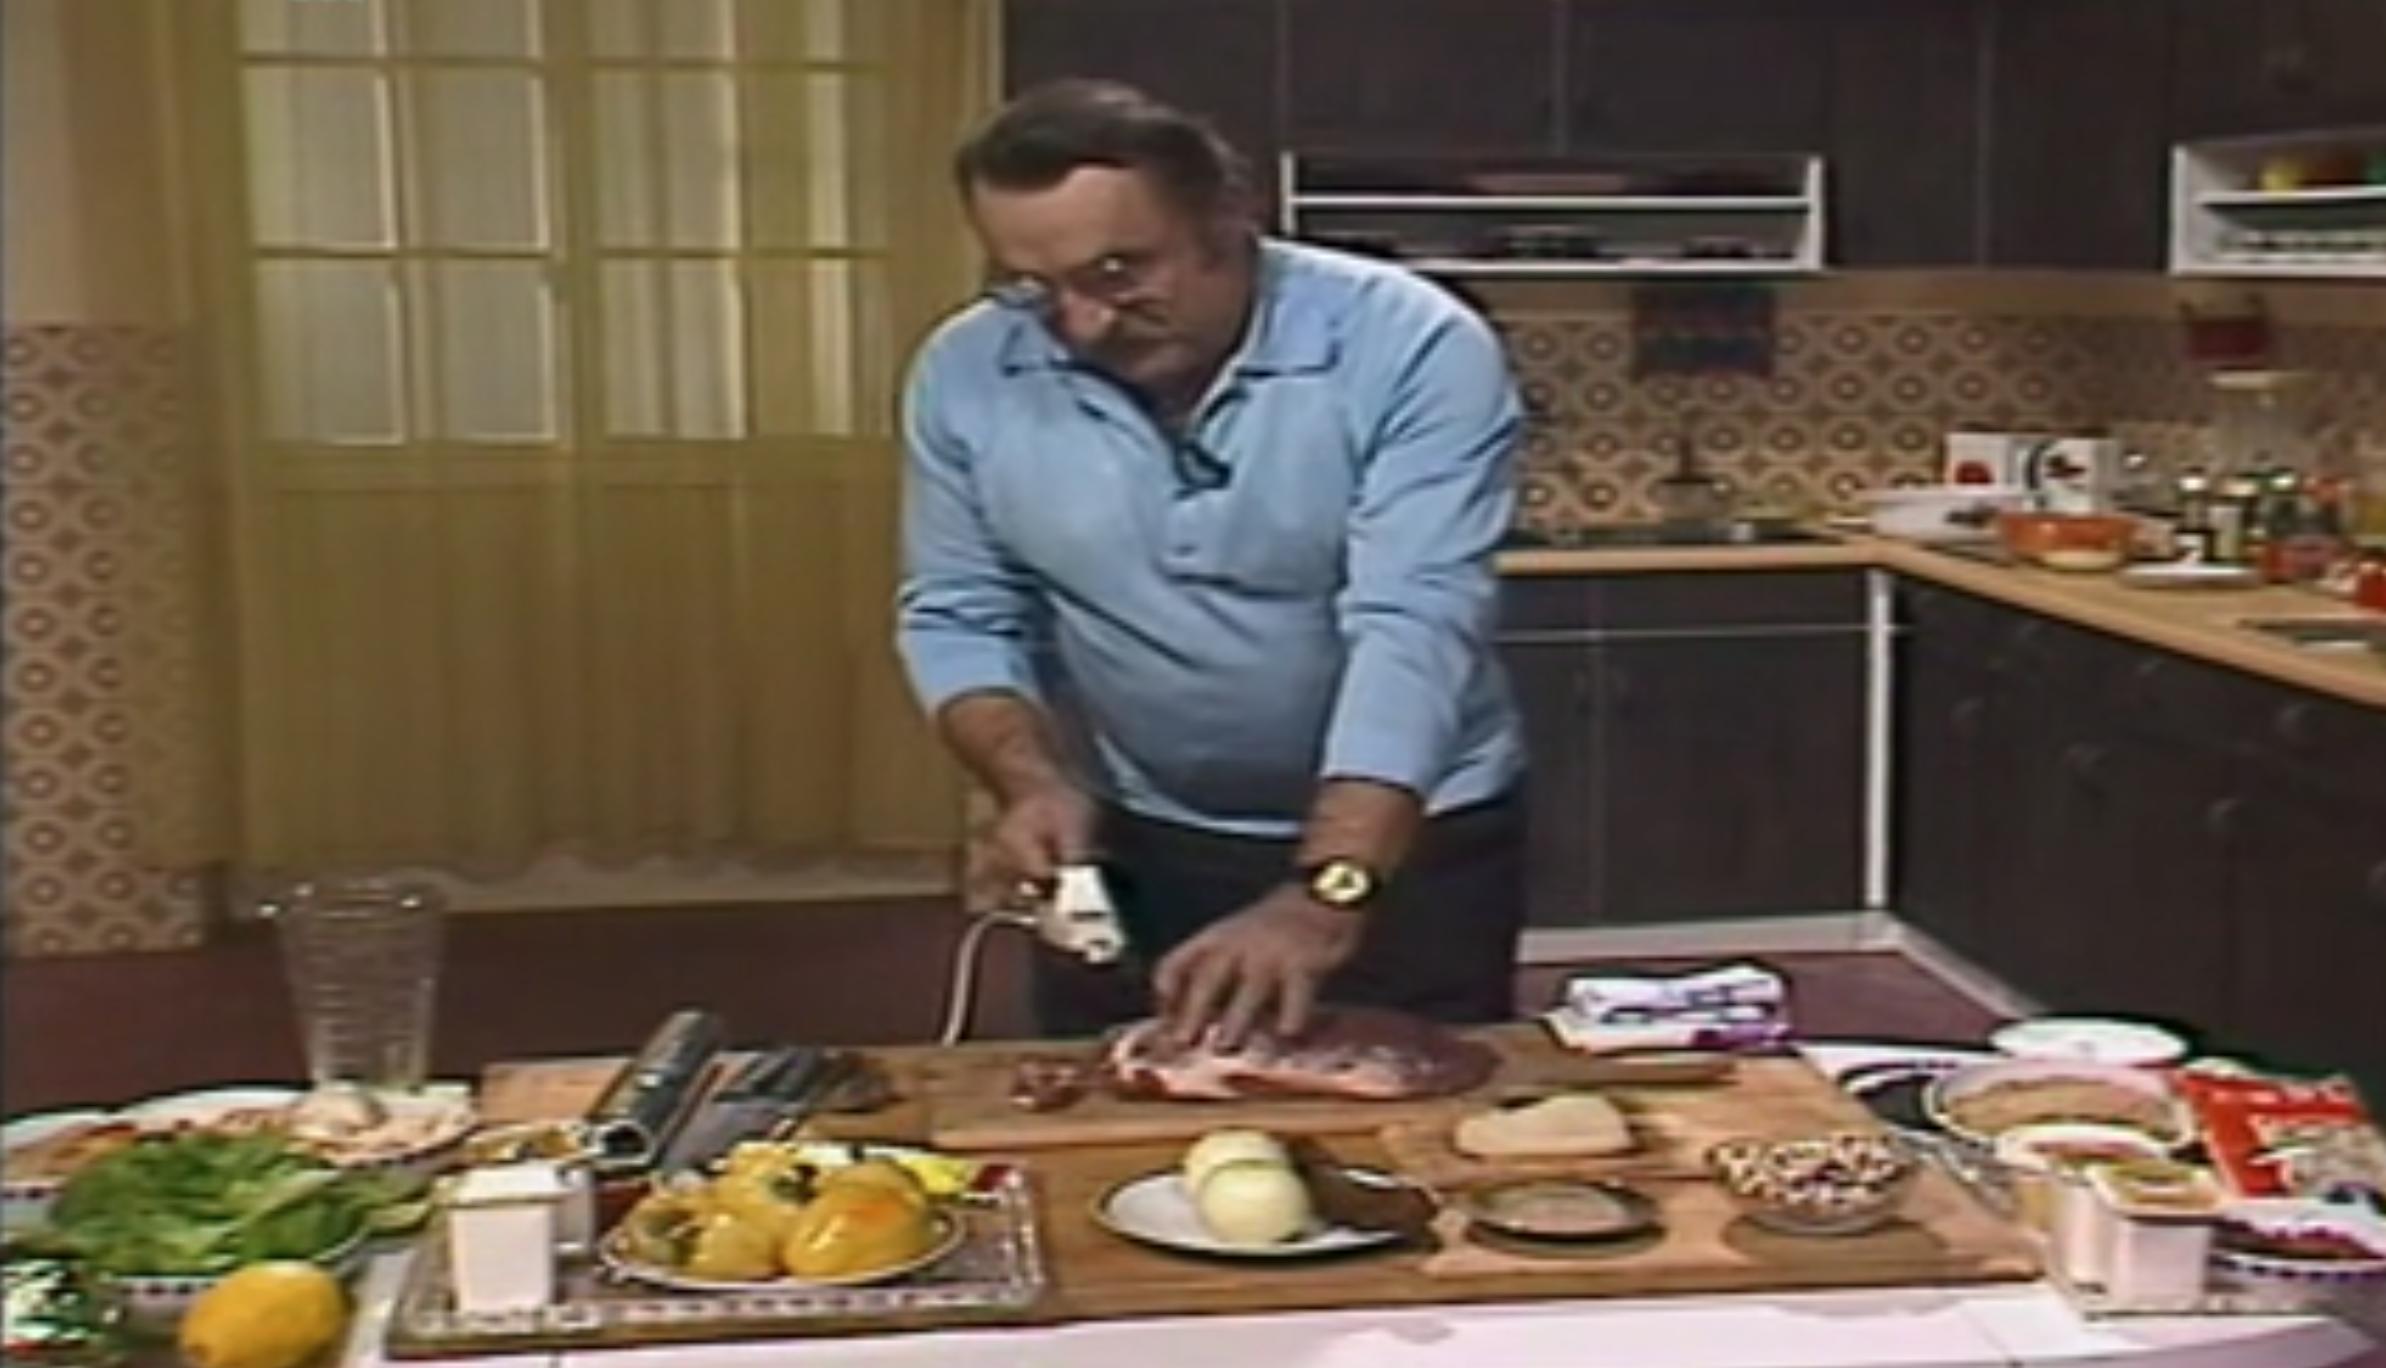 TV Fazék – A féktelen jókedv hozzávalói: elektromos kés, mirelit nokedli és a csurkista, karcagi tahó